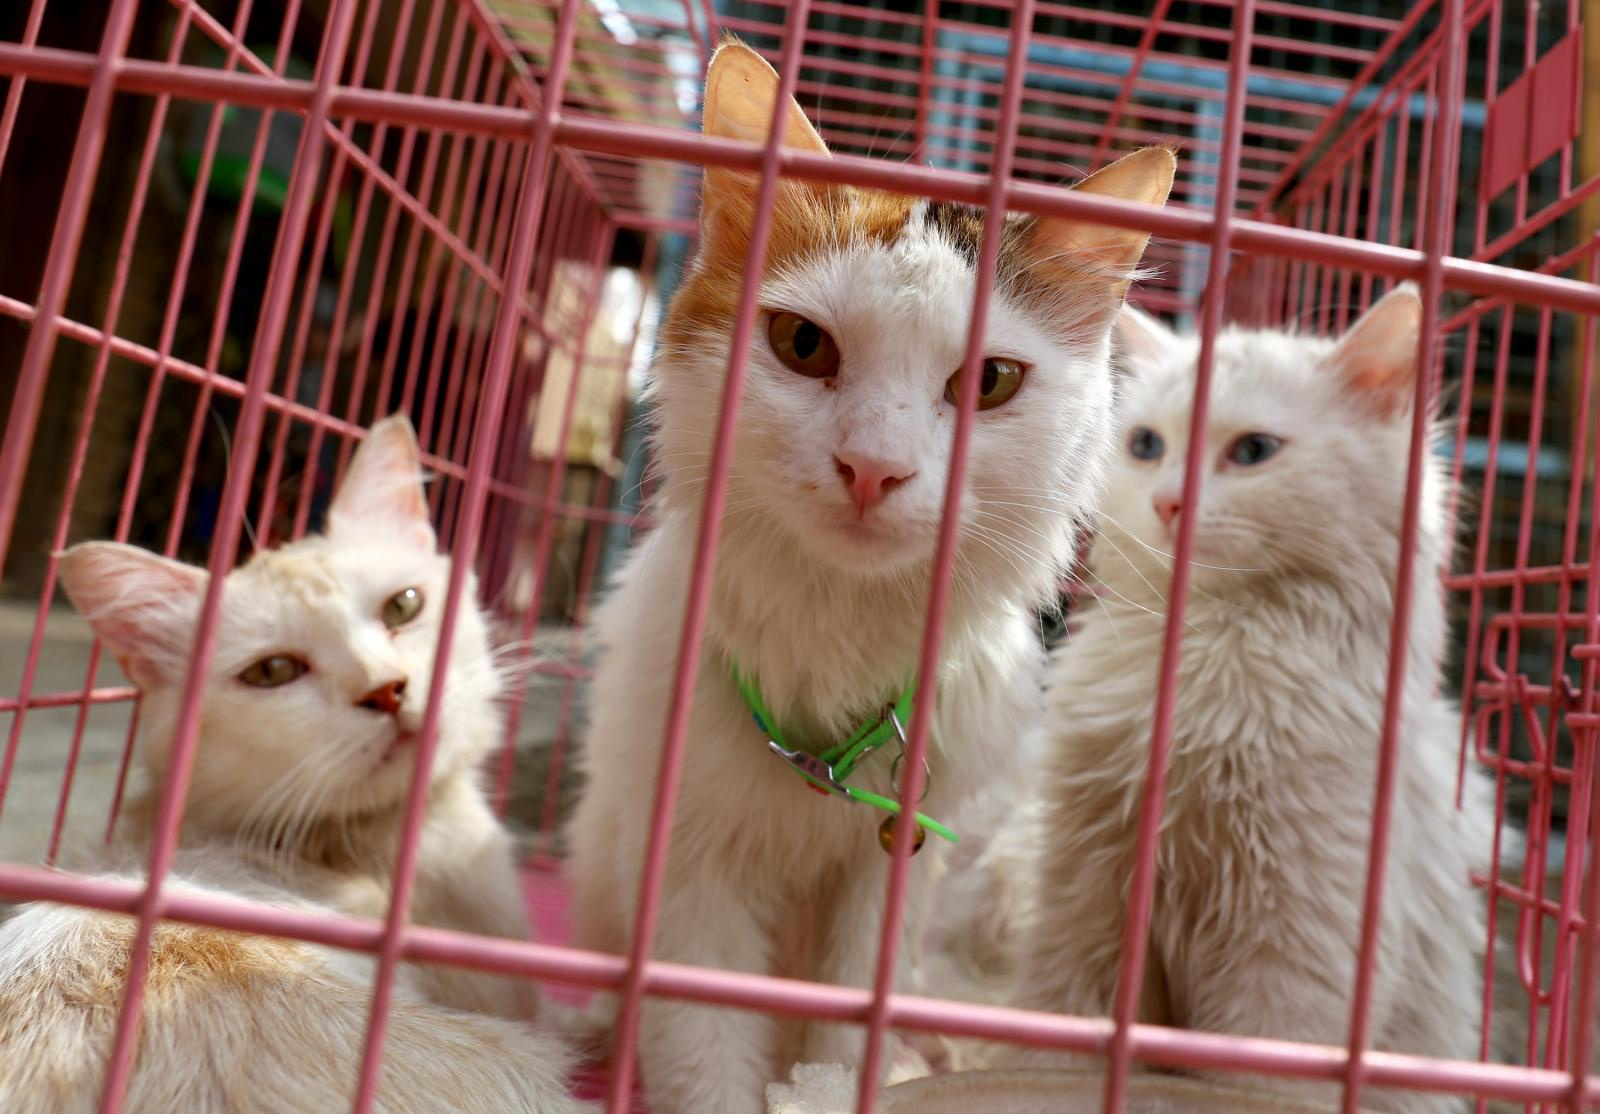 """ผู้เชี่ยวชาญ ชี้ """"แมวจรจัด"""" เป็นมหันตภัยร้ายแรงต่อระบบนิเวศ"""